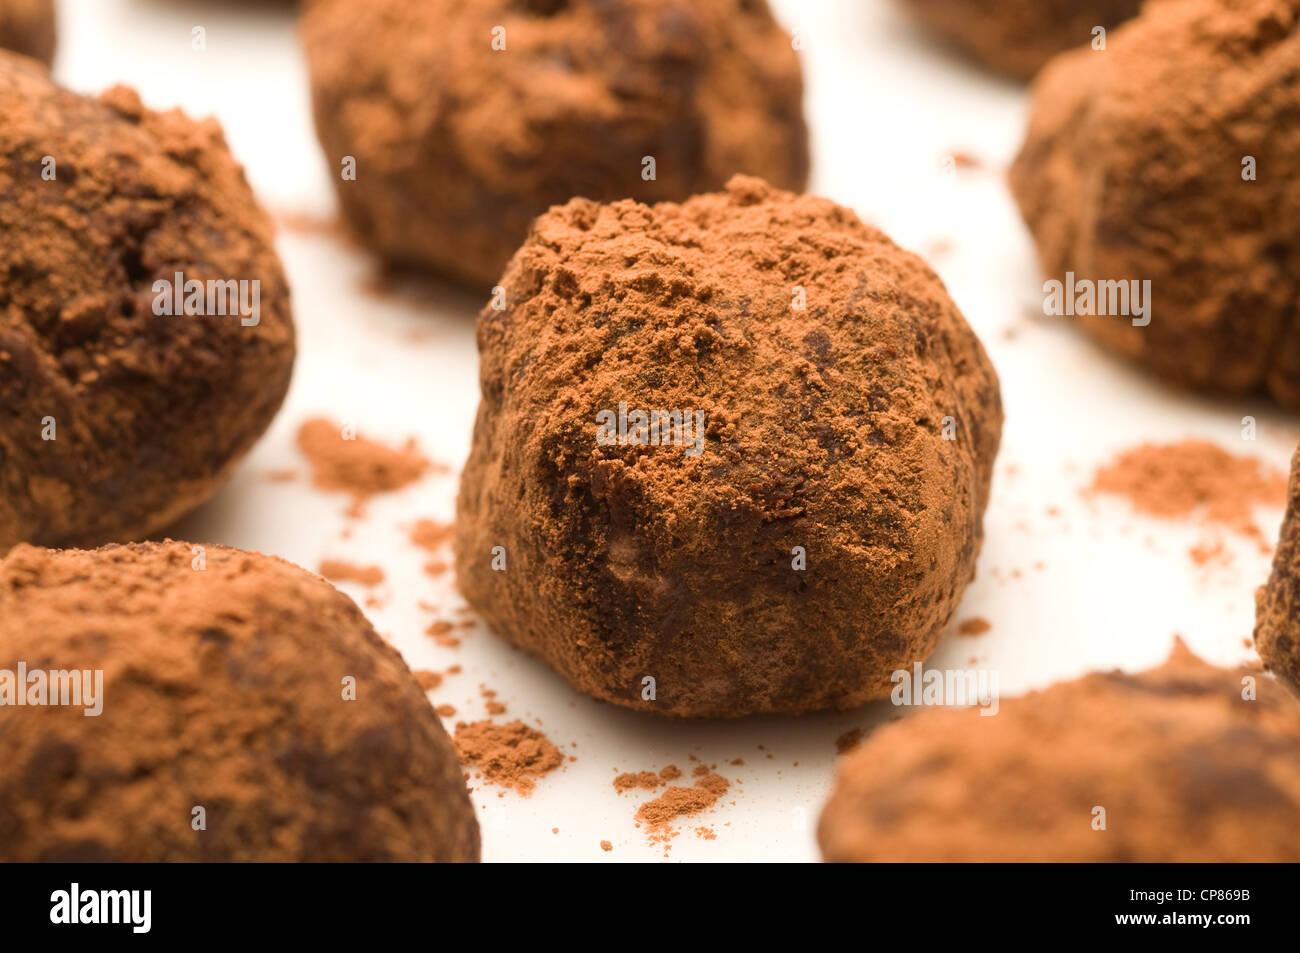 Artigianale di tartufi di cioccolato in polvere di cacao Immagini Stock